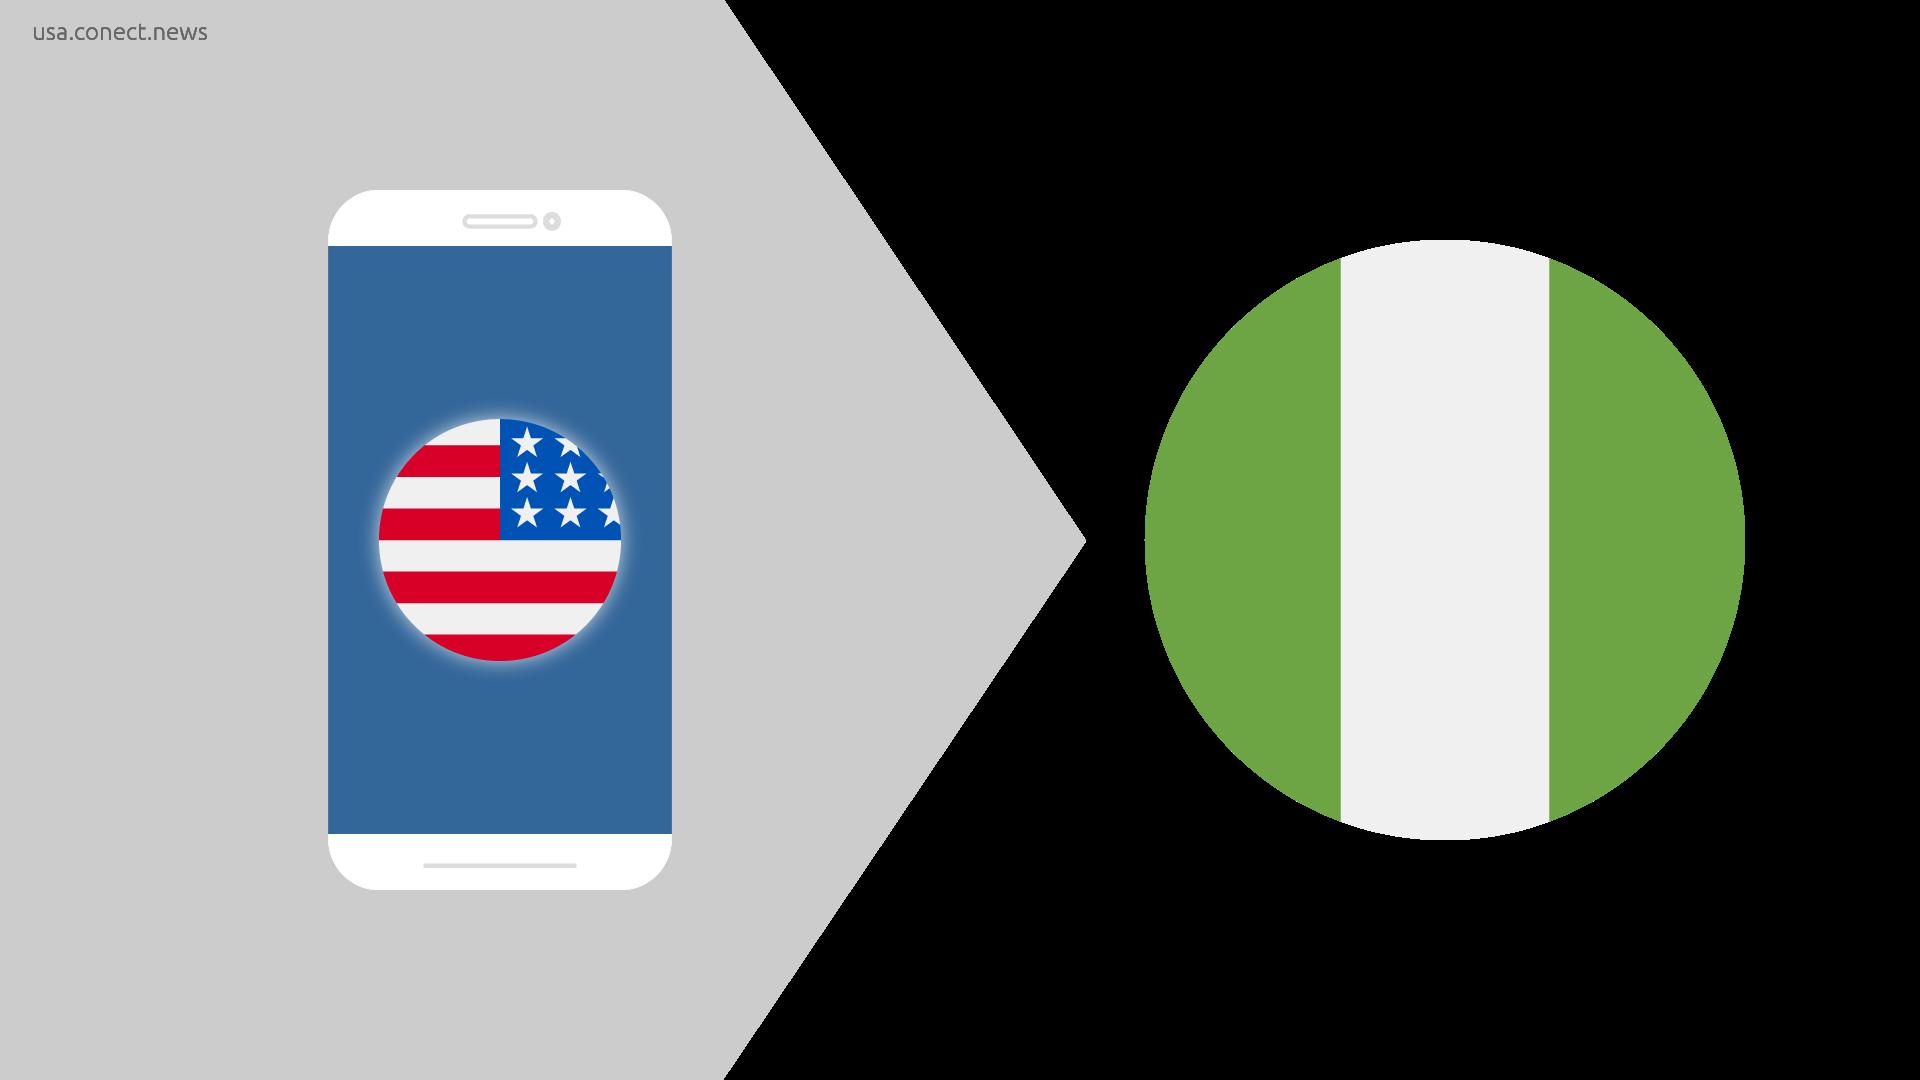 USA_Nigeria_@conect_news